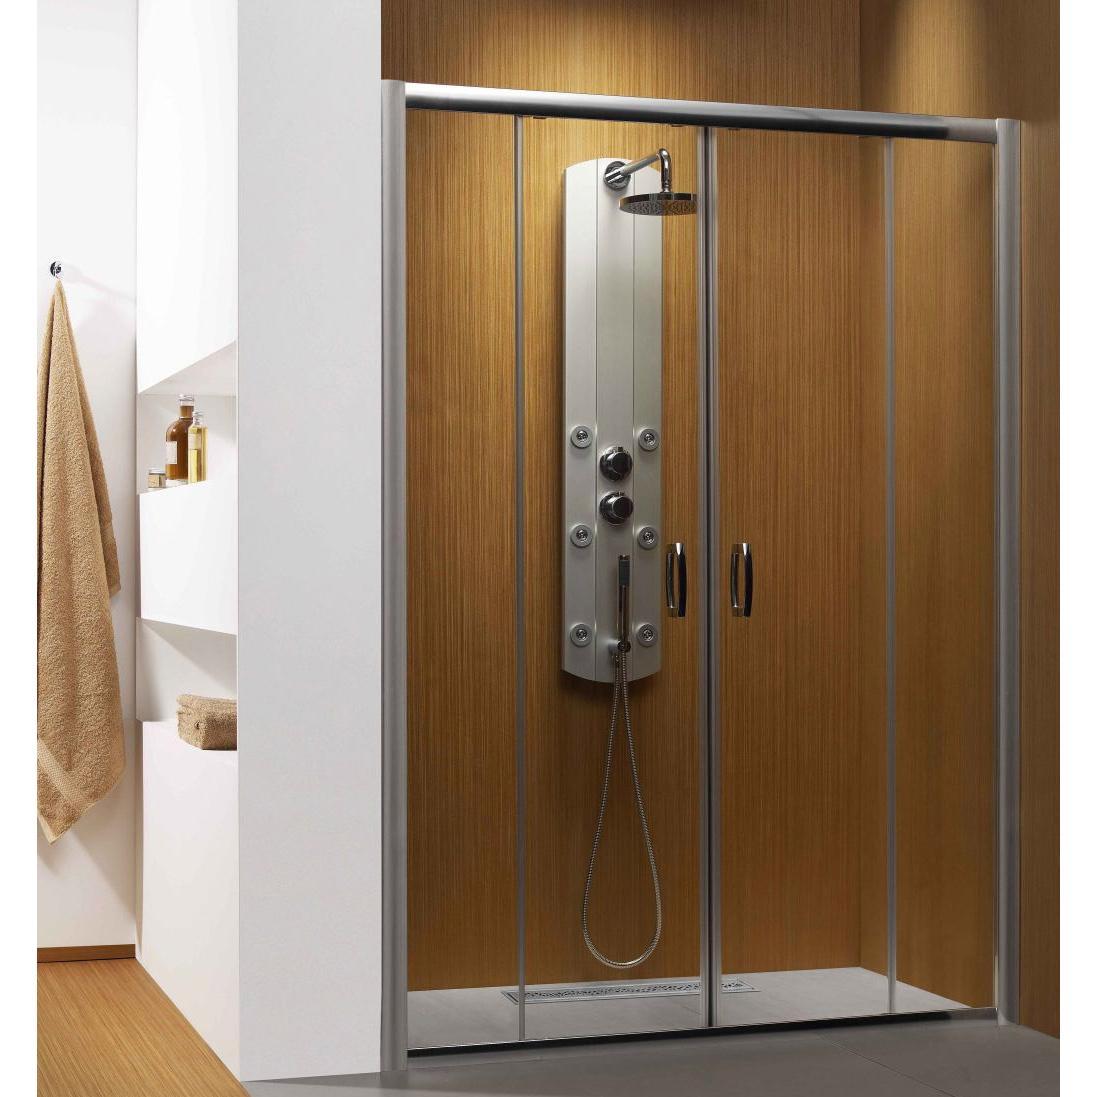 Душевая дверь Radaway Premium Plus DWD 160 хром/коричневое кухонный стол кубика портофино 2 рис 1 ноги хром стекло темно коричневое венге